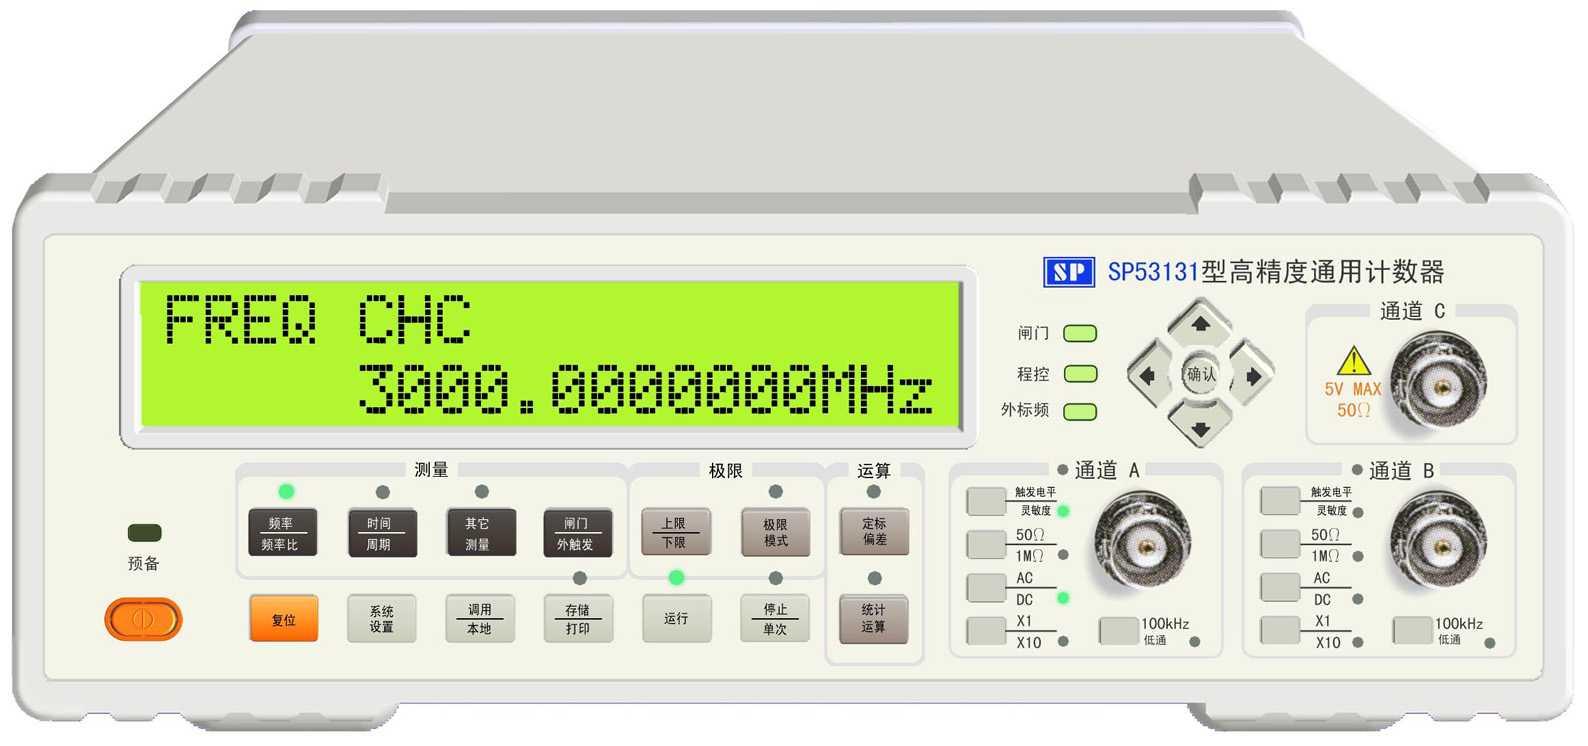 SP53131型2.5G高精度通用计数器|南京盛普